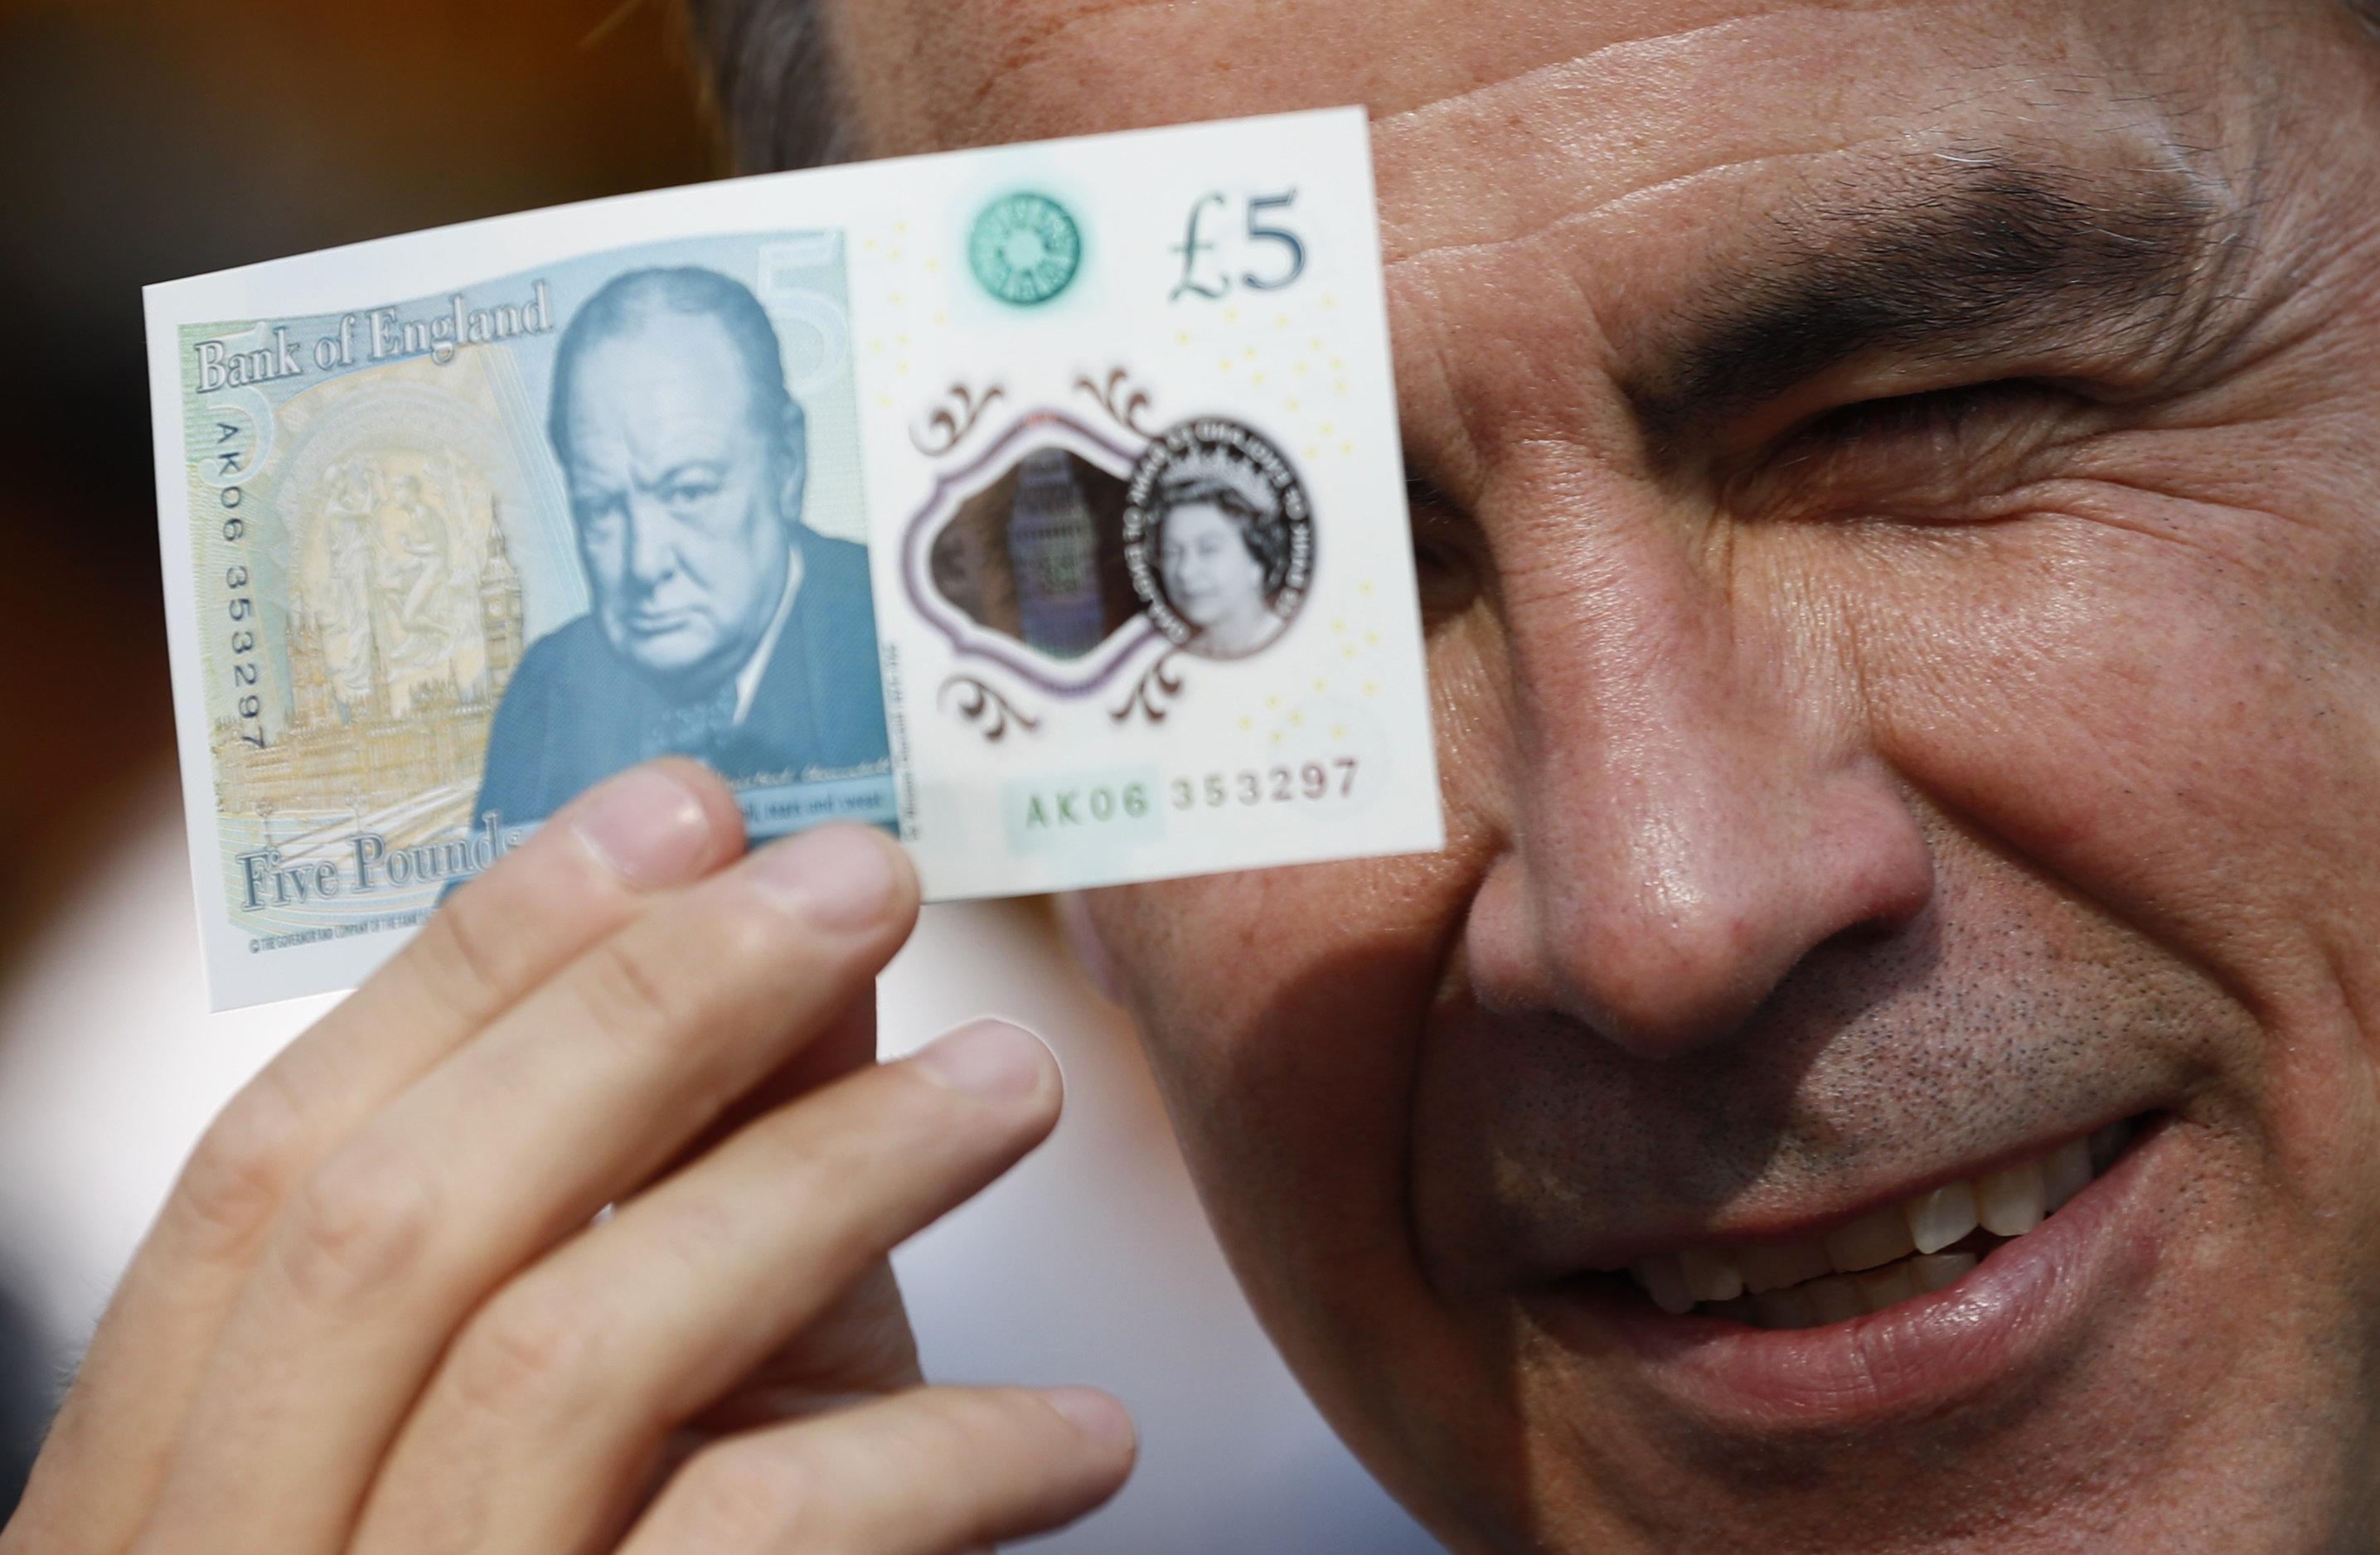 Zητείται Βρετανός επιστήμονας για το χαρτονόμισμα των 50 λιρών. Ποιός